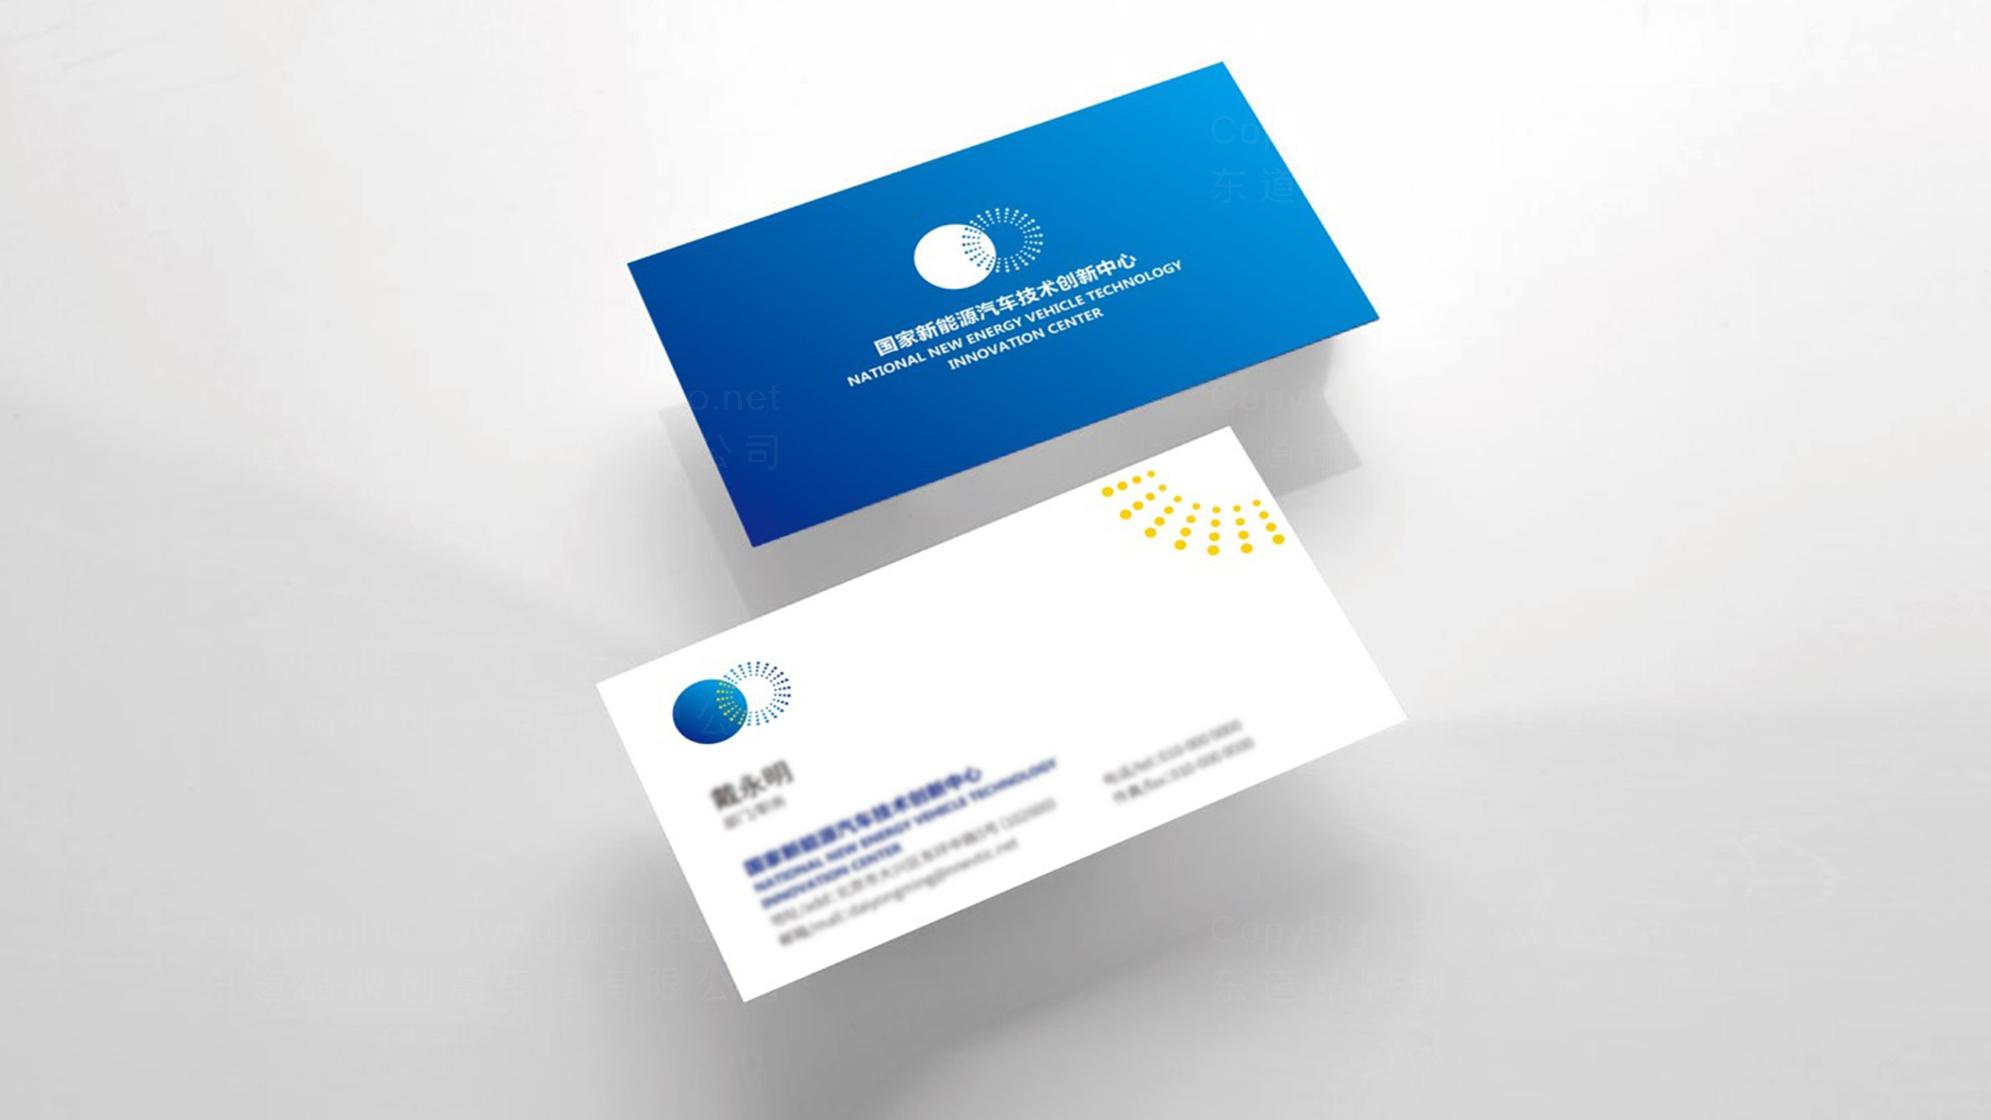 品牌设计国家新能源汽车技术创新中心标志设计应用场景_9